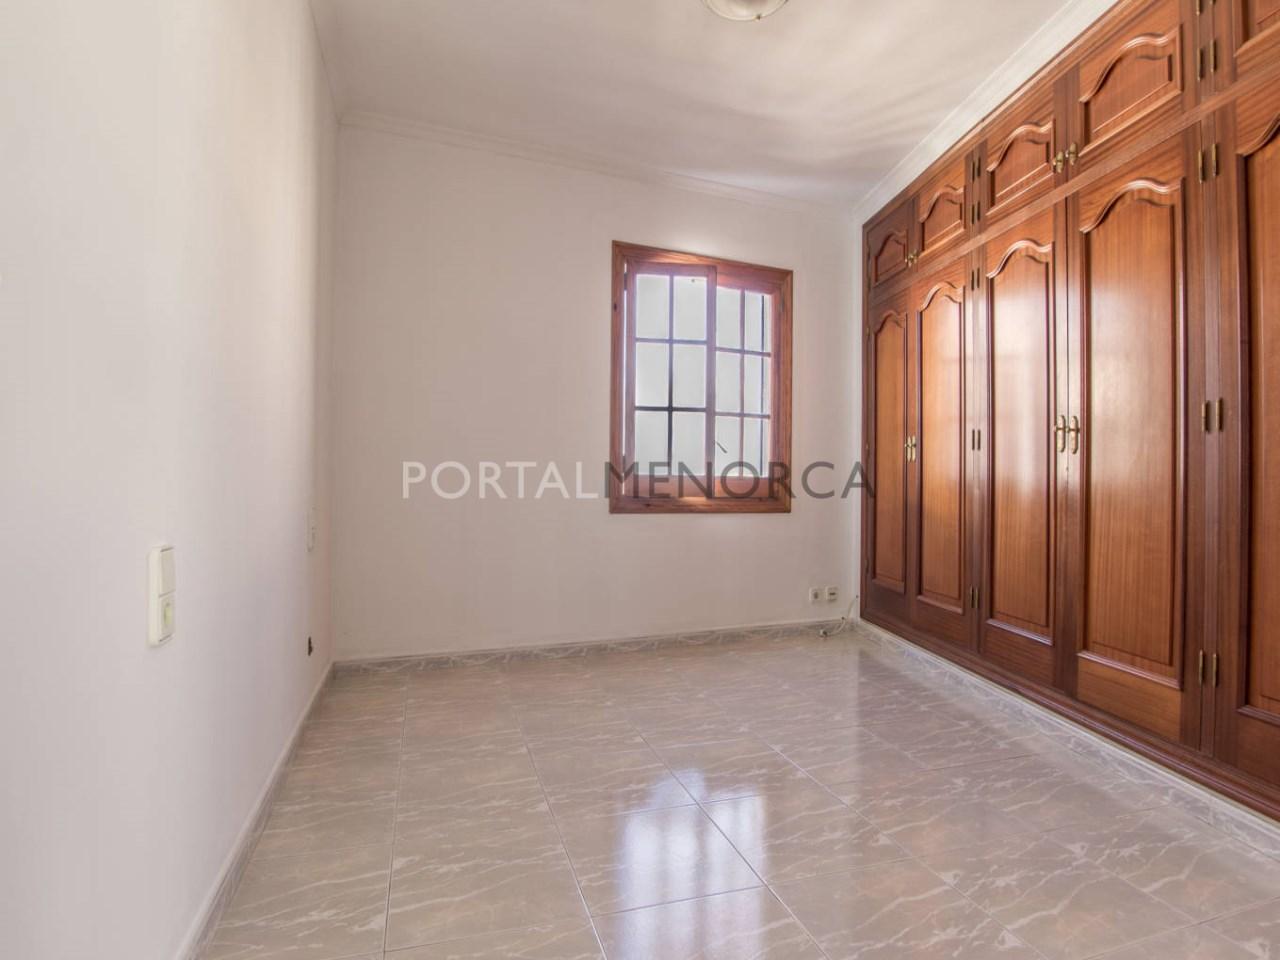 Casa en venta en Alaior (16)